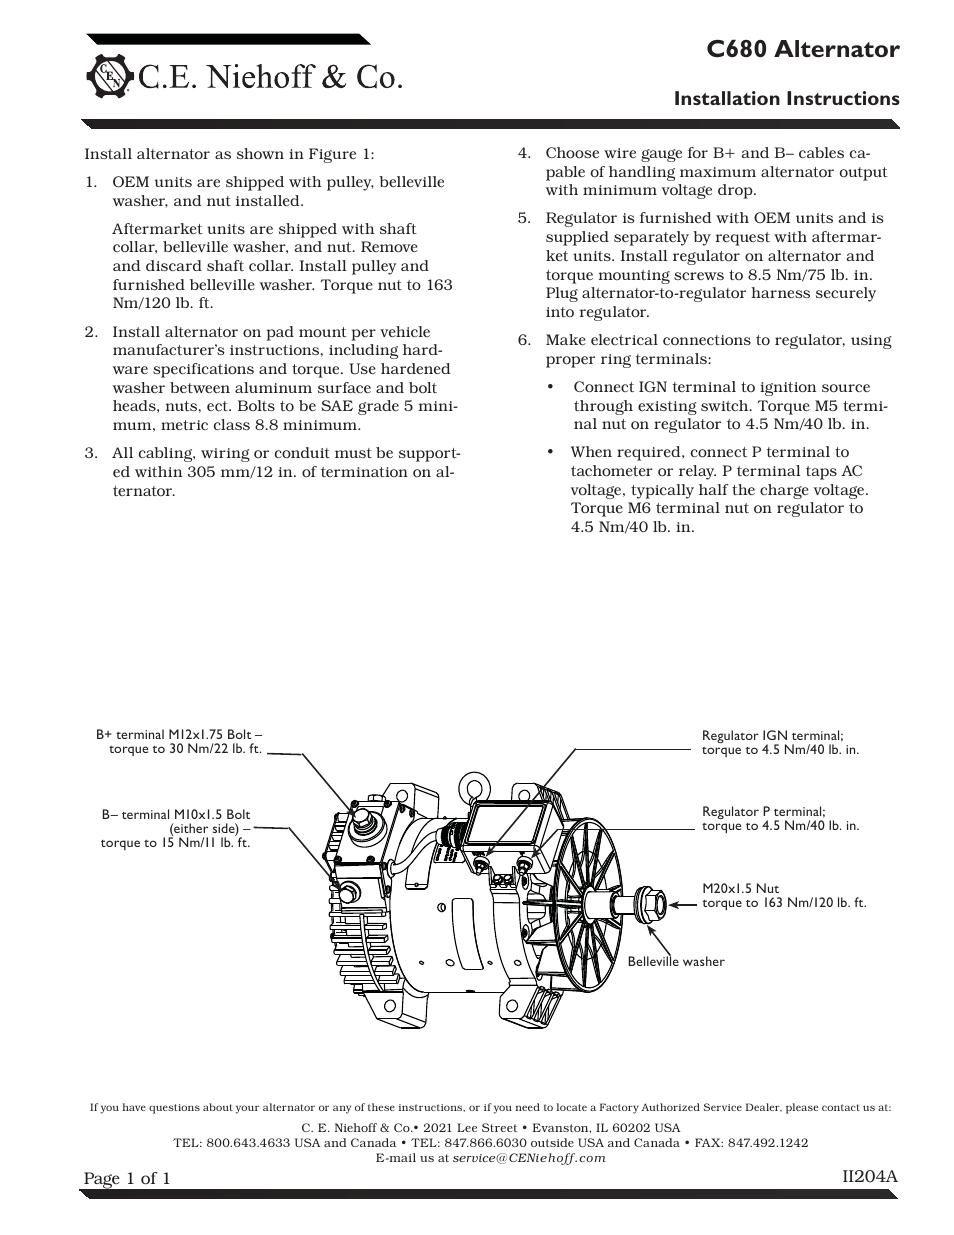 Mitsubishi Alternator Wiring Manual Guide